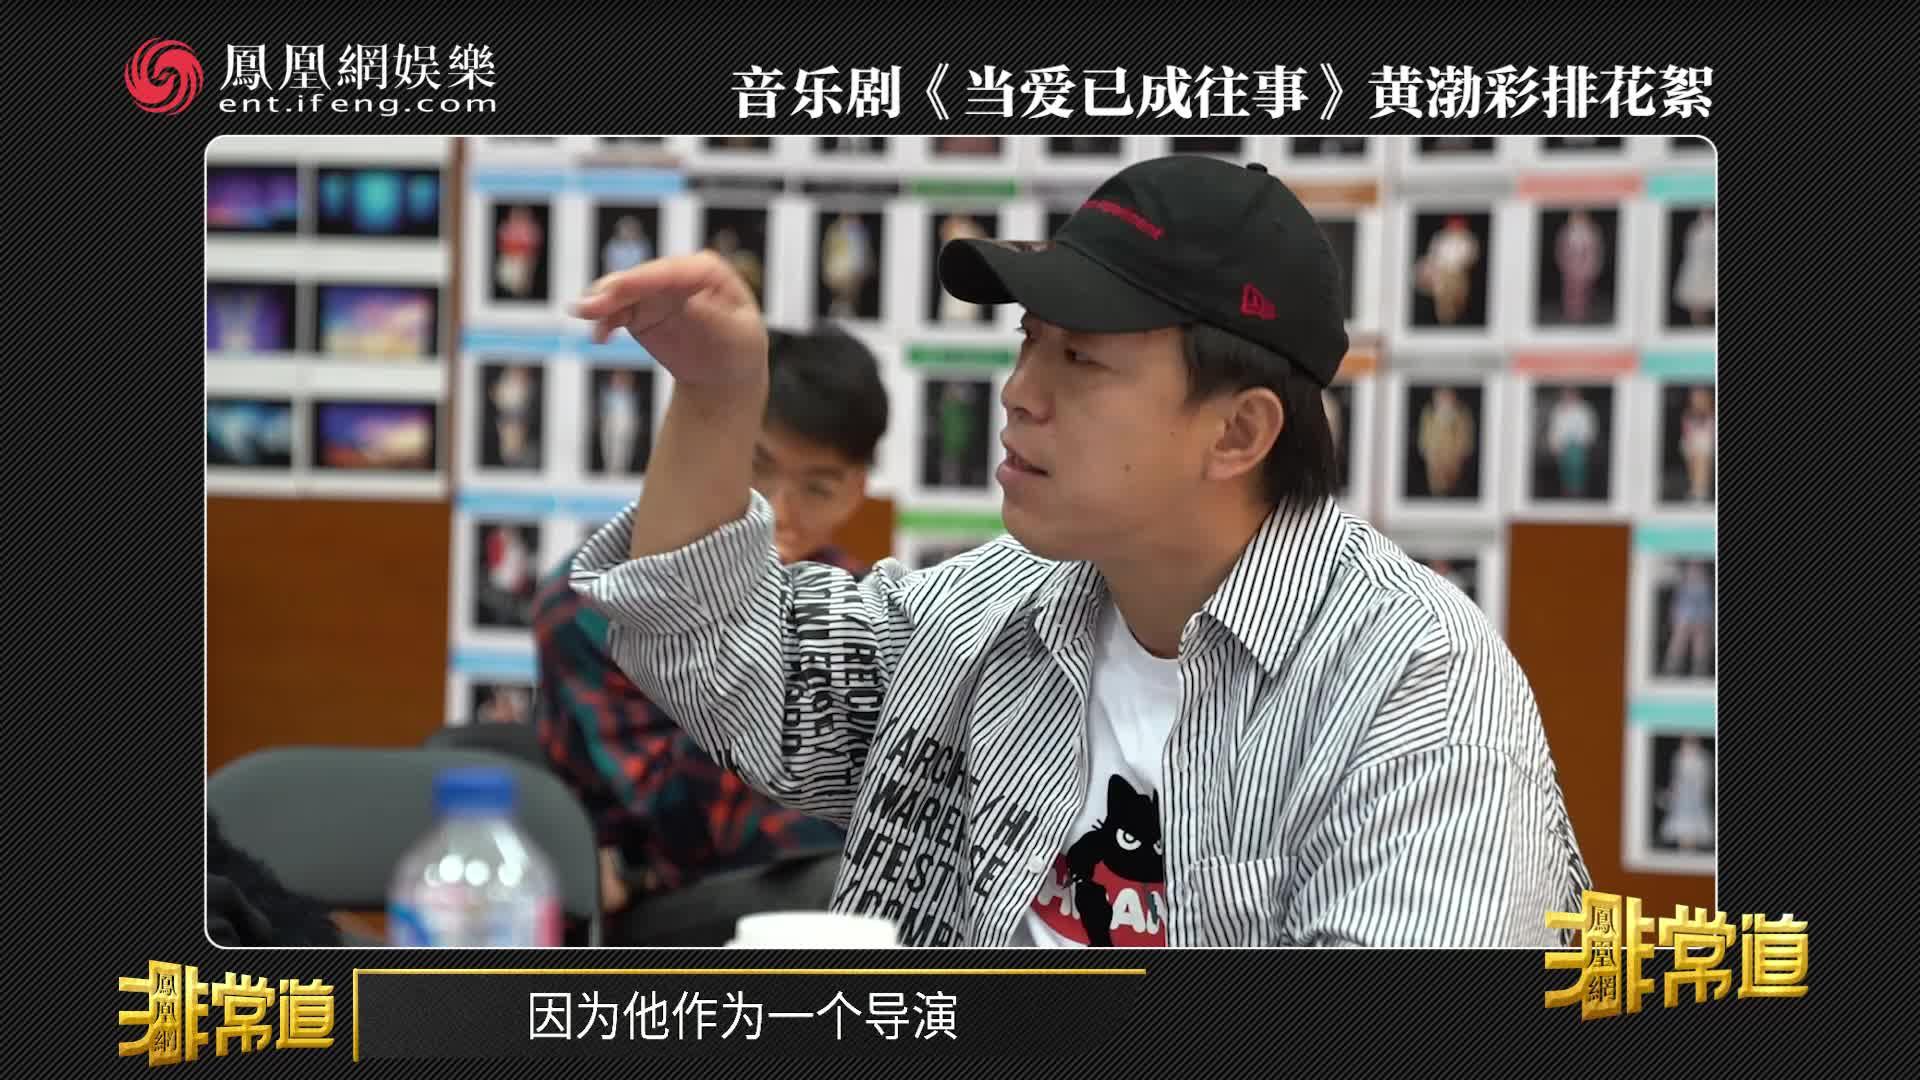 """钟丽芳赞黄渤是""""全能选手"""" 调侃:只怕弹吉他   非常道"""